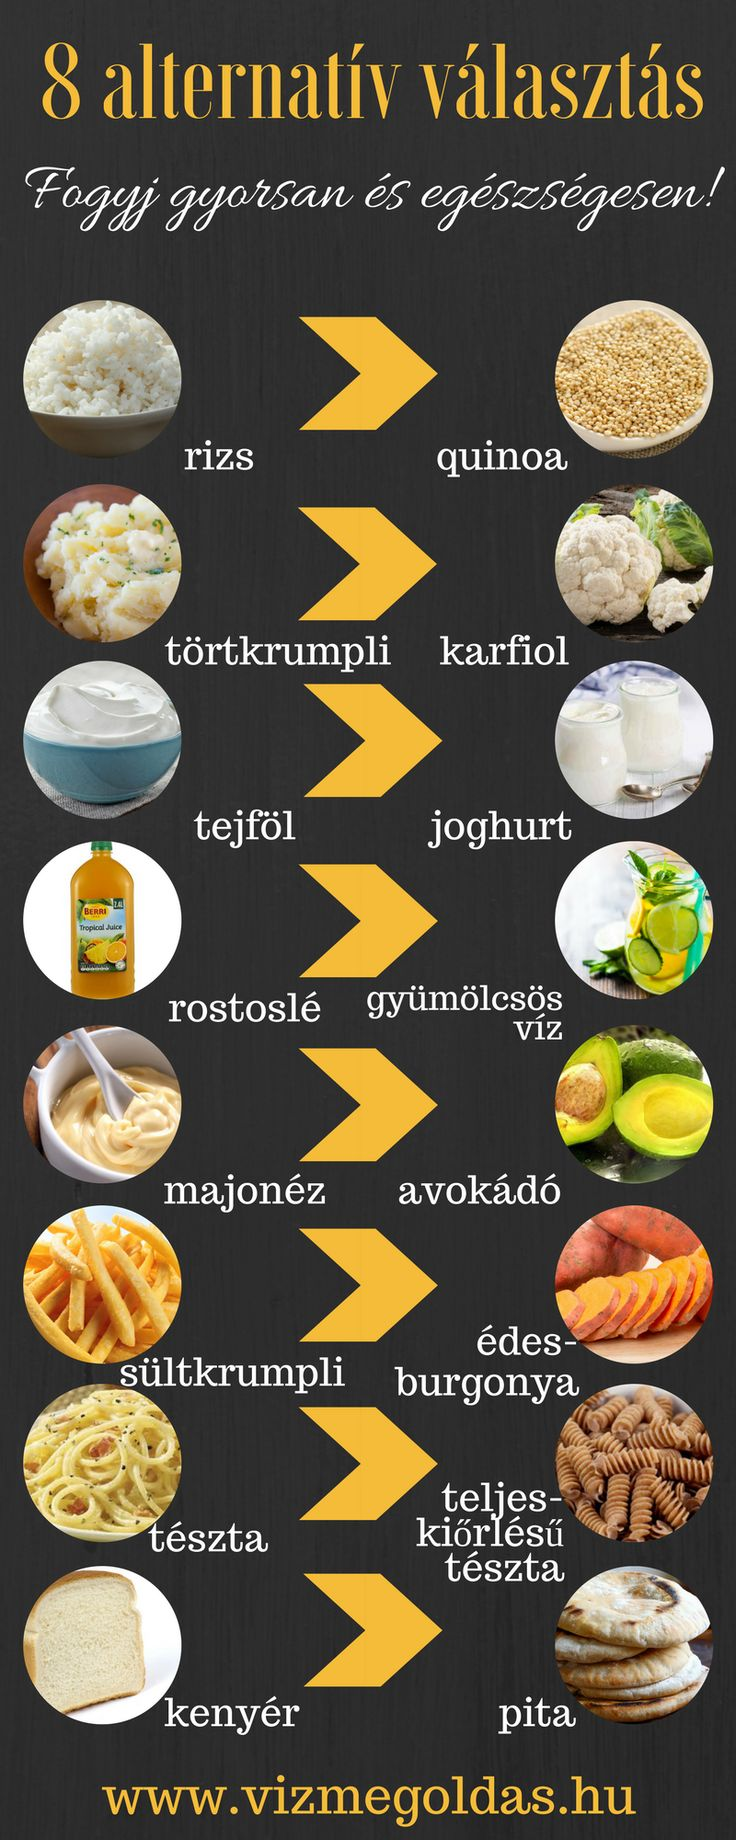 További egészséges receptekért, kattints a képre!